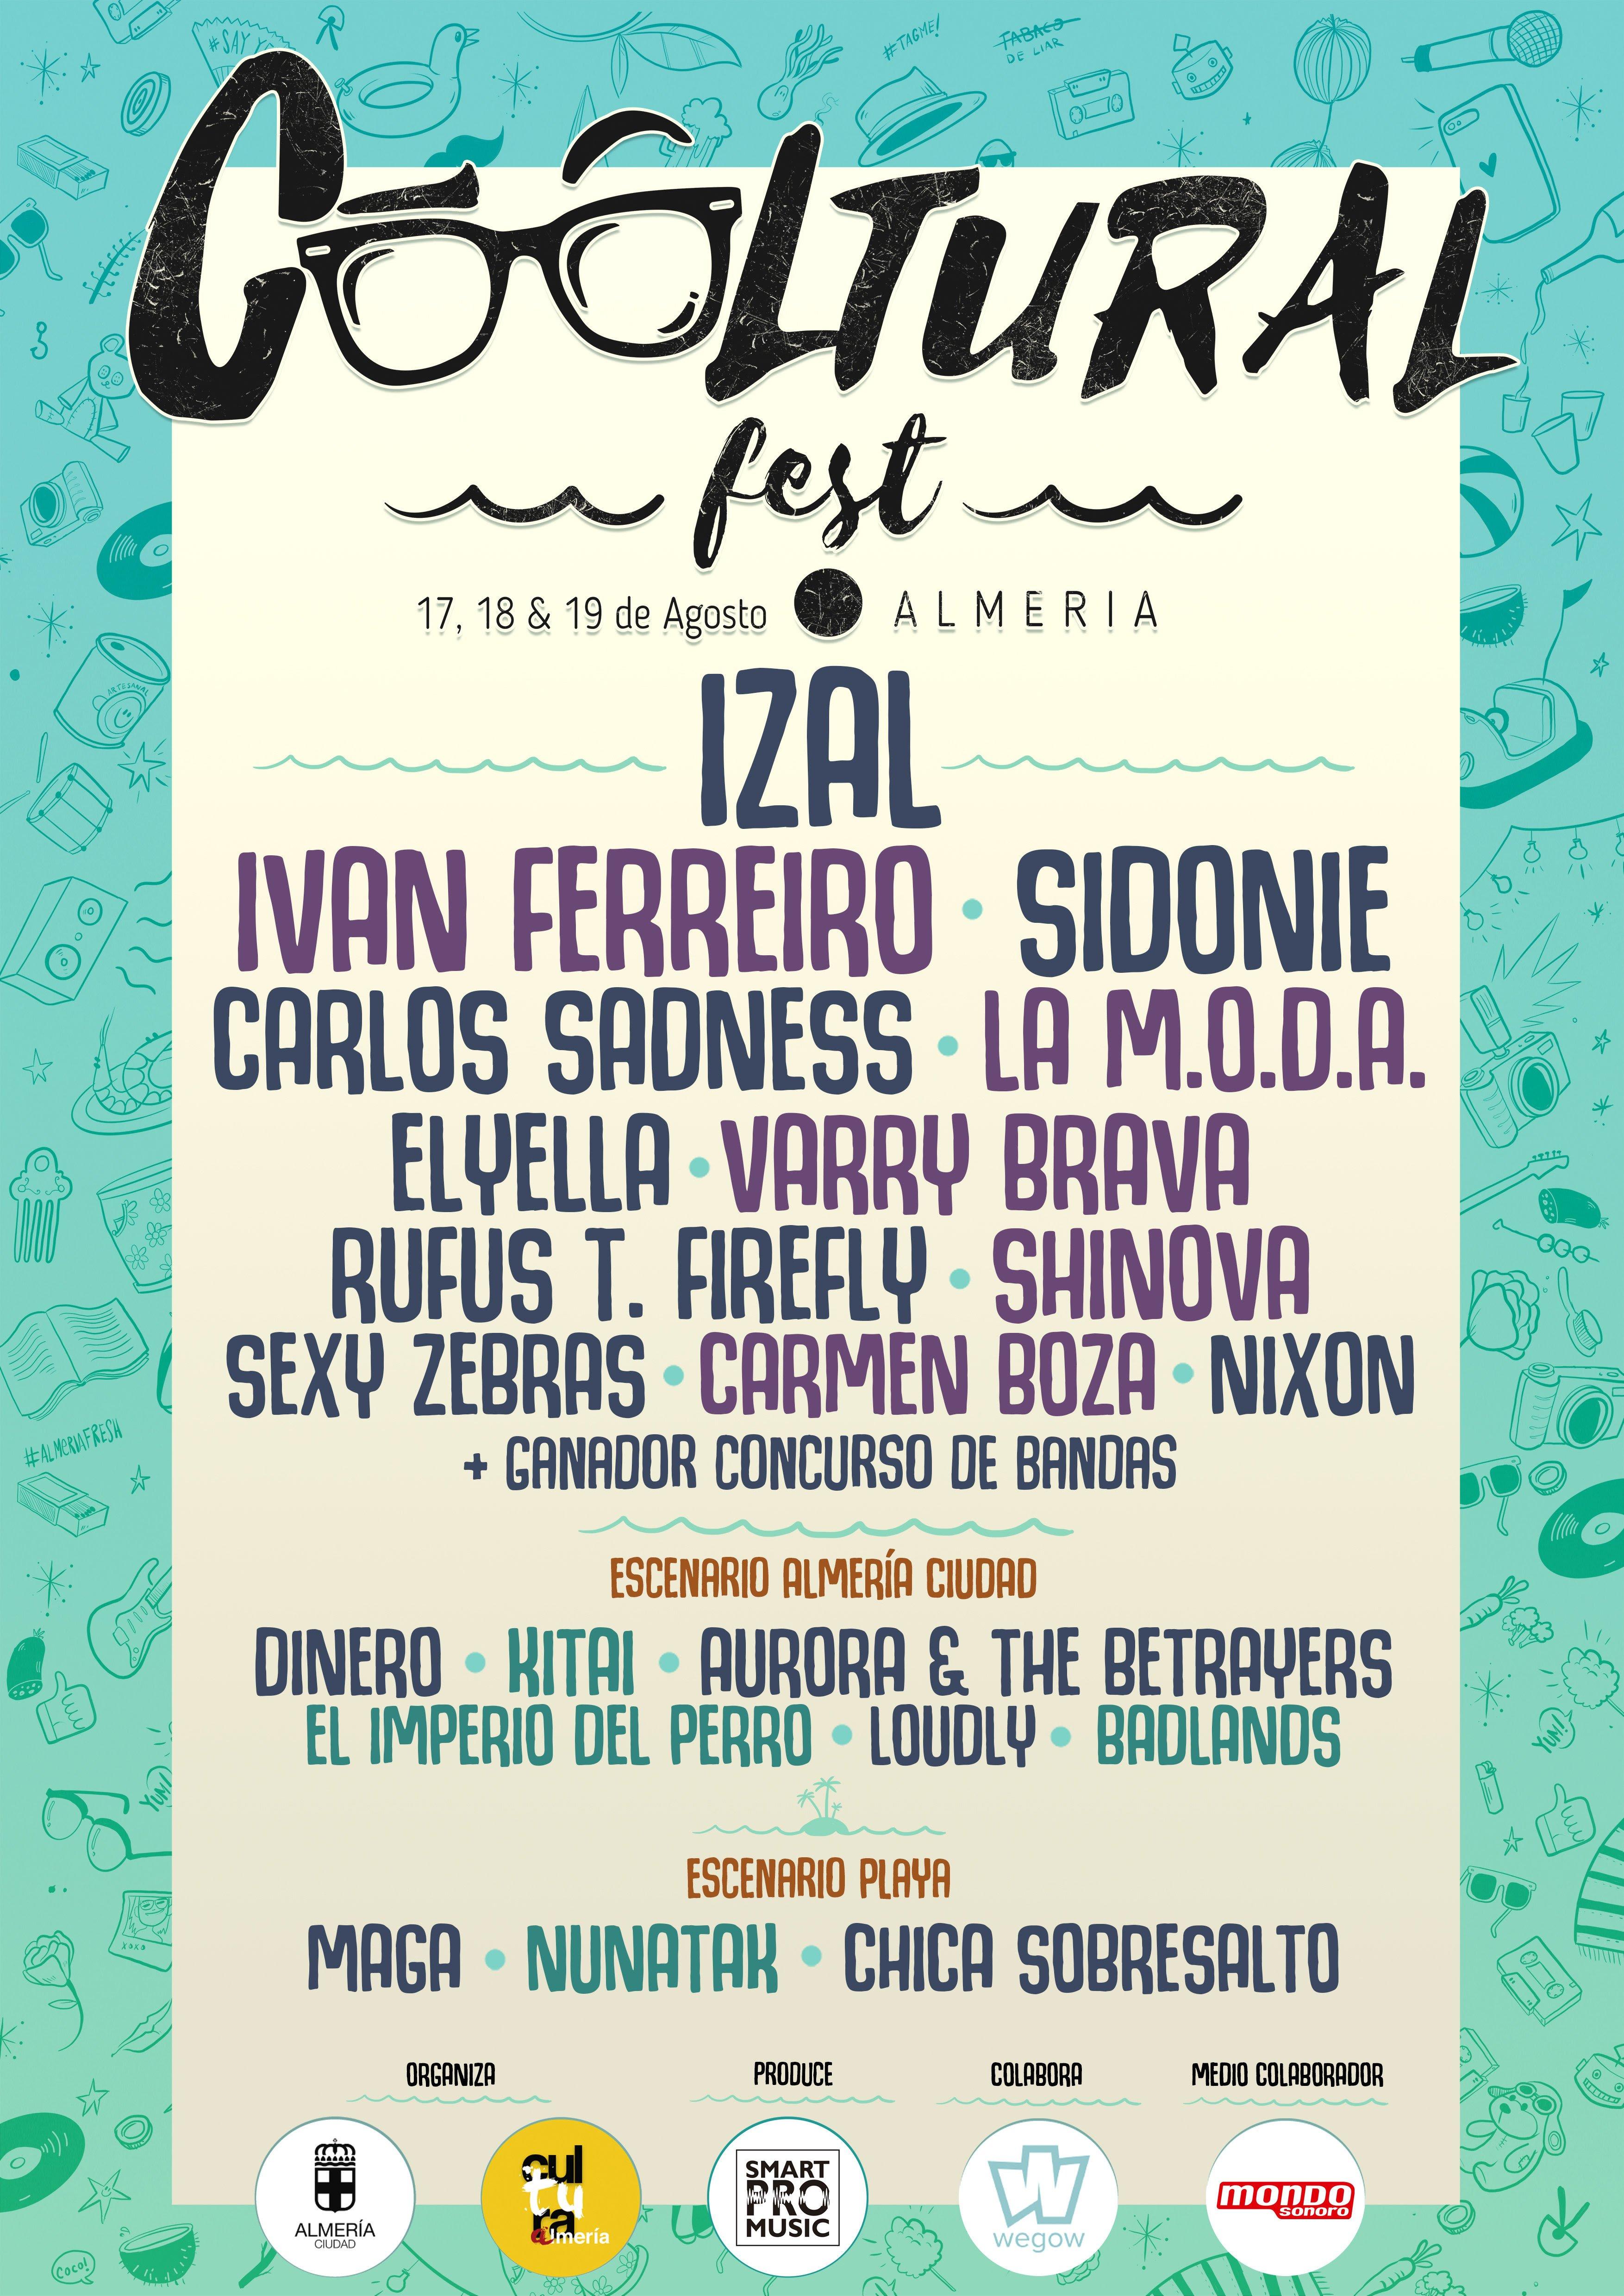 coolfest11